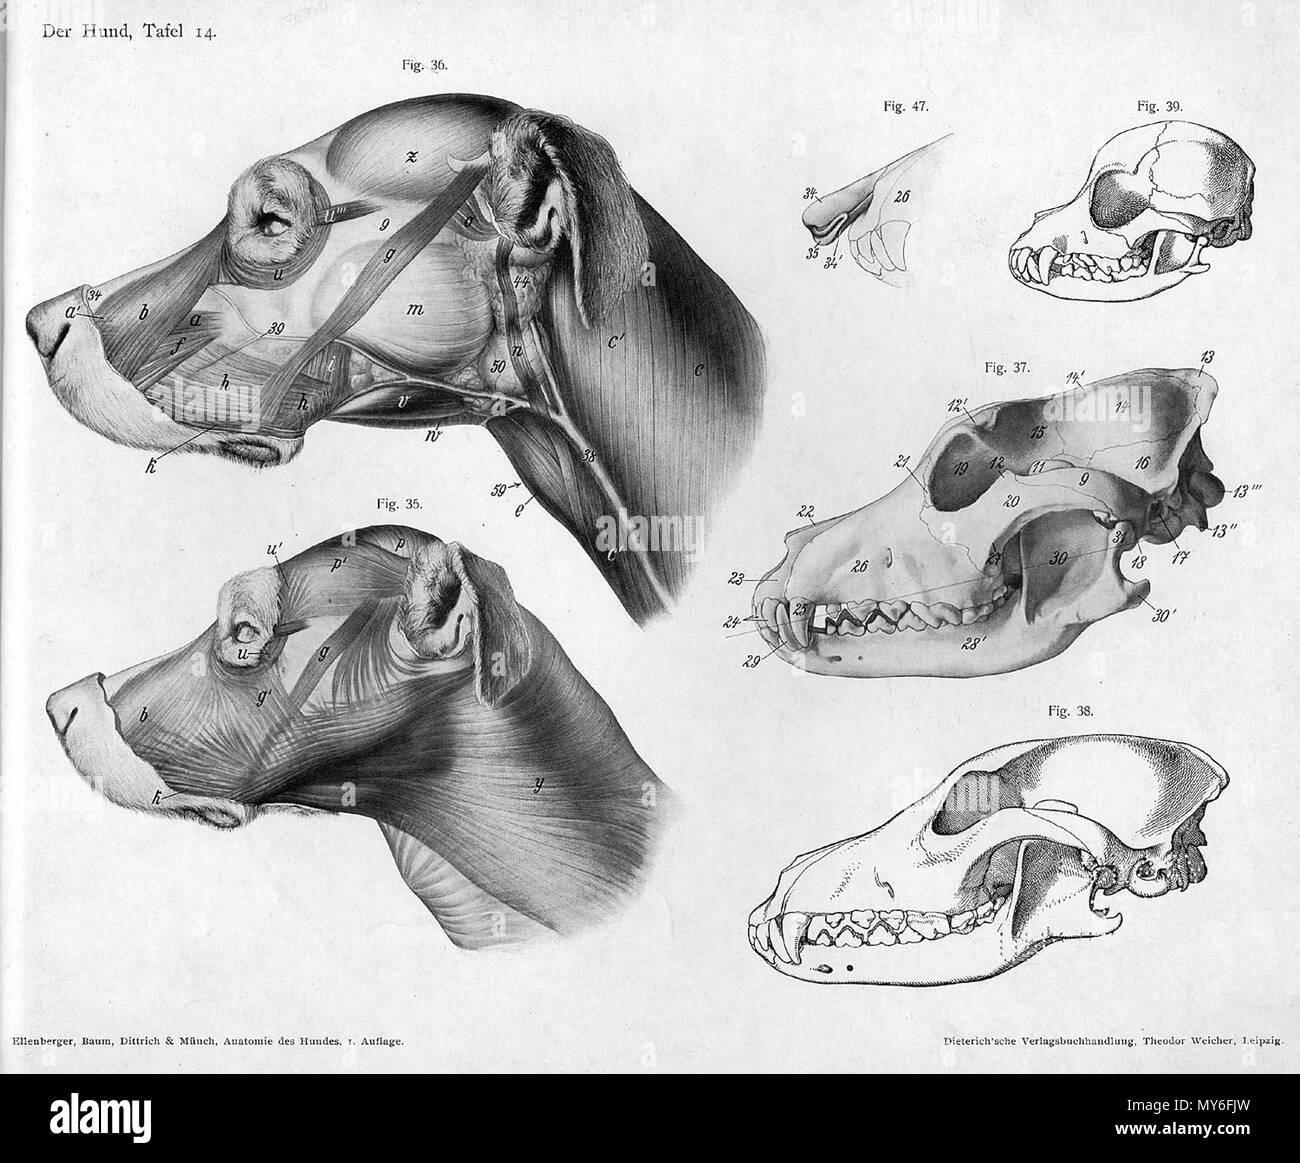 Niedlich Hund Anatomie Kopf Bilder - Anatomie Und Physiologie ...